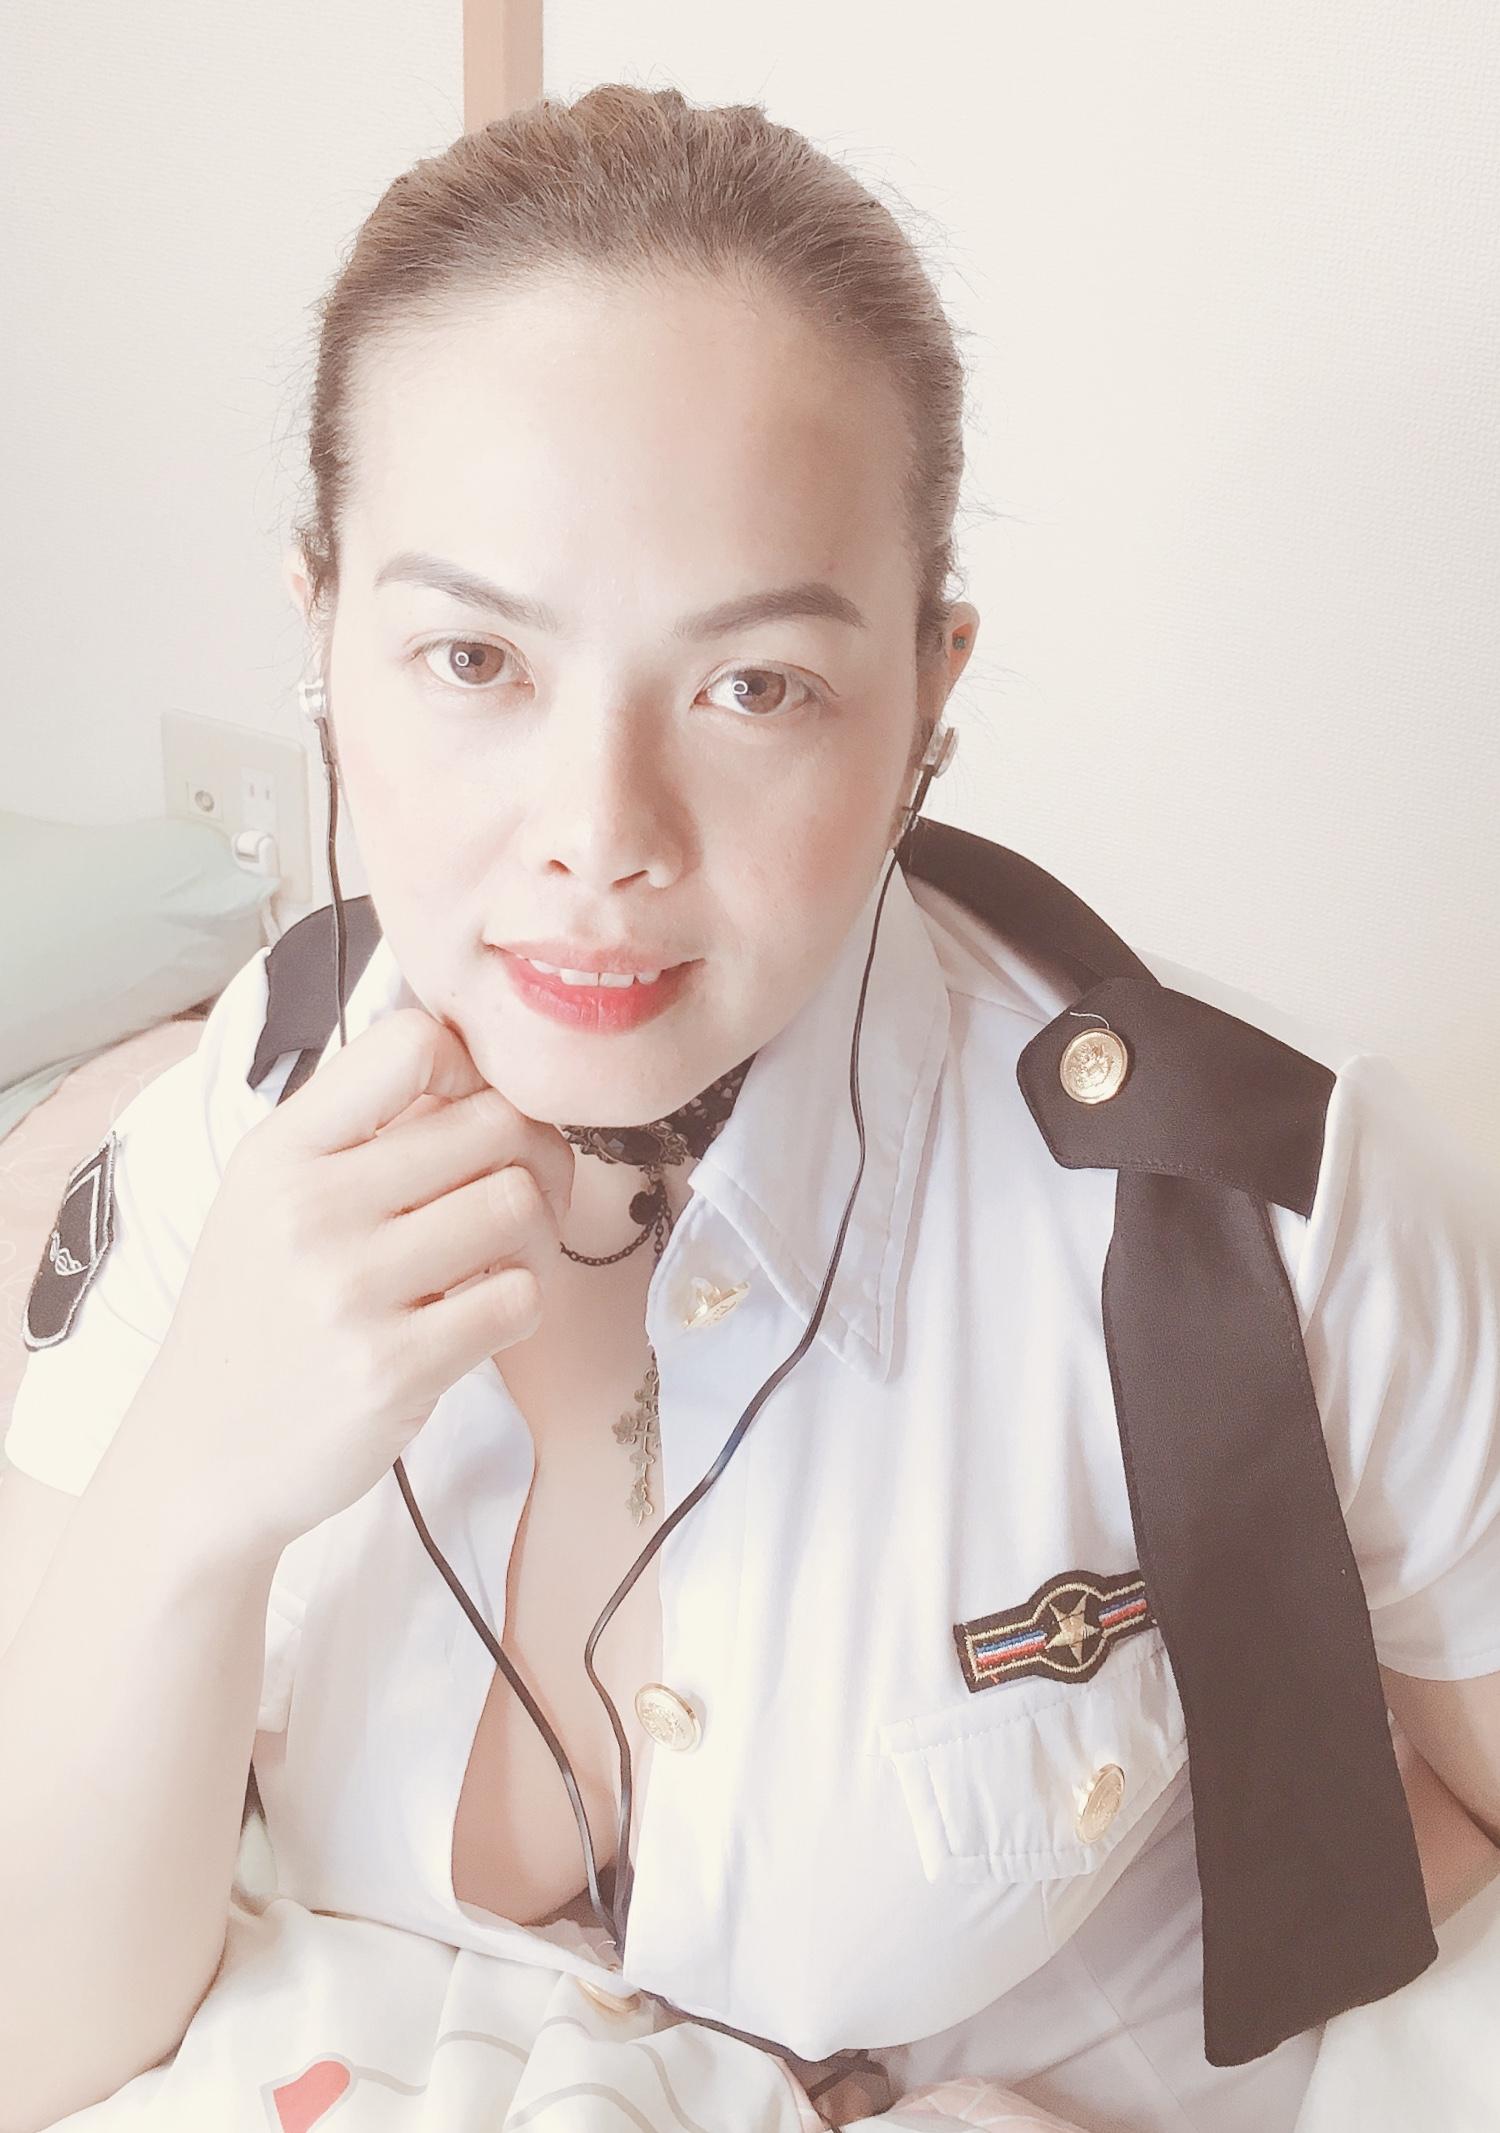 人妻さん日誌:Going to Philippines